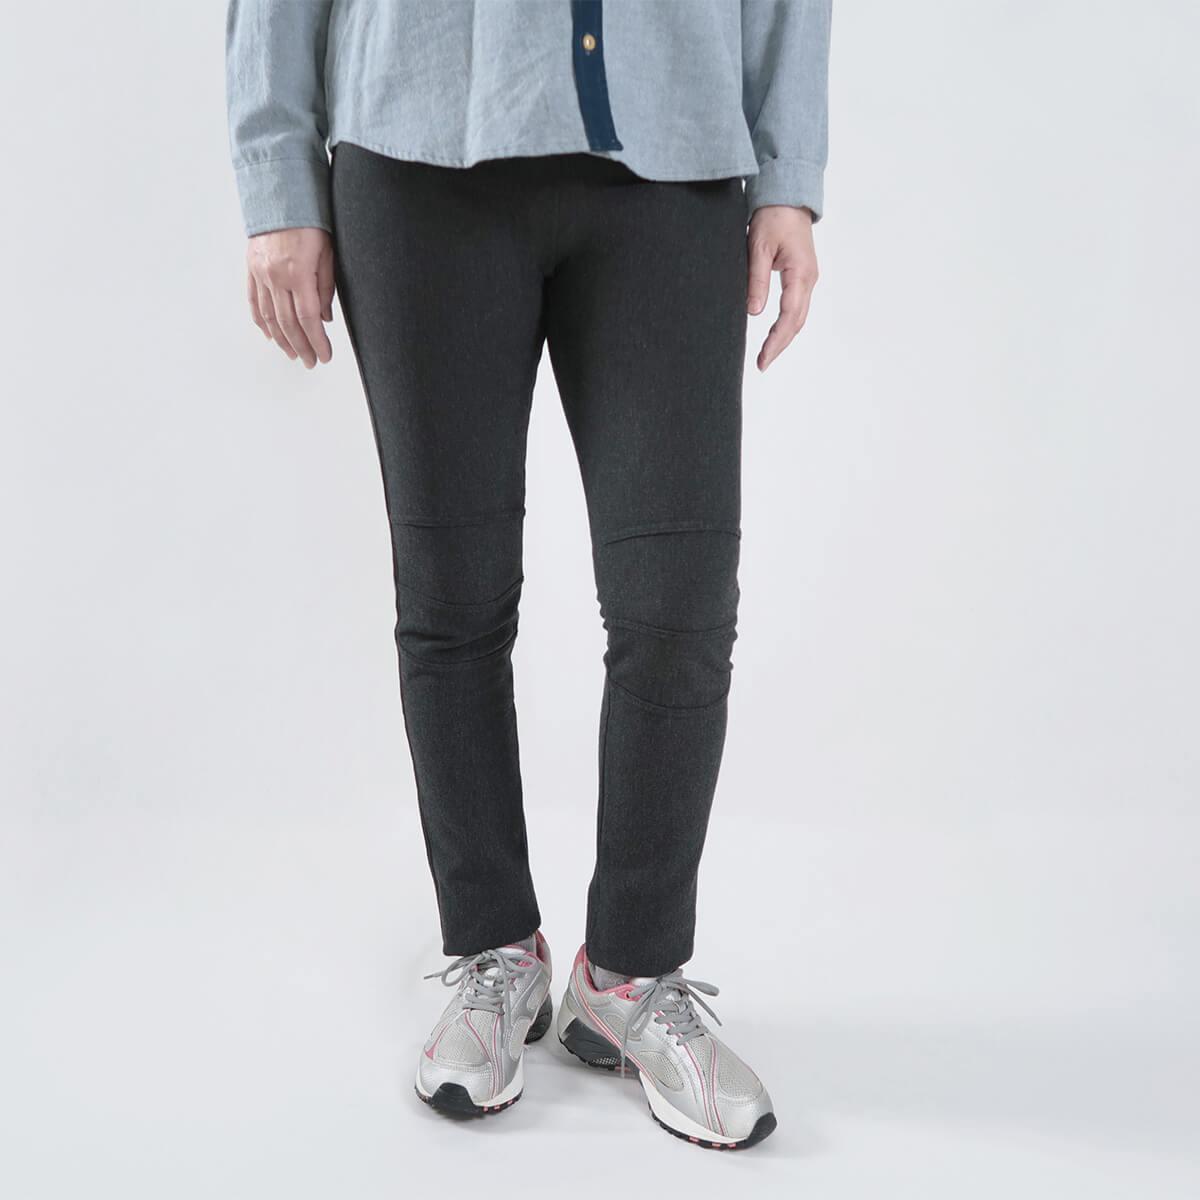 超保暖刷毛內搭褲 台灣製內搭褲 超彈力內搭褲 精絲保暖褲 修身顯瘦長褲 內裡刷毛 全腰圍配色寬版鬆緊帶 黑色長褲 MADE IN TAIWAN WARM PANTS FLEECE LINED LEGGINGS (012-6100-21)黑色、(012-6100-22)深灰色 腰圍M L XL(26~31英吋) 女 [實體店面保障] sun-e 3